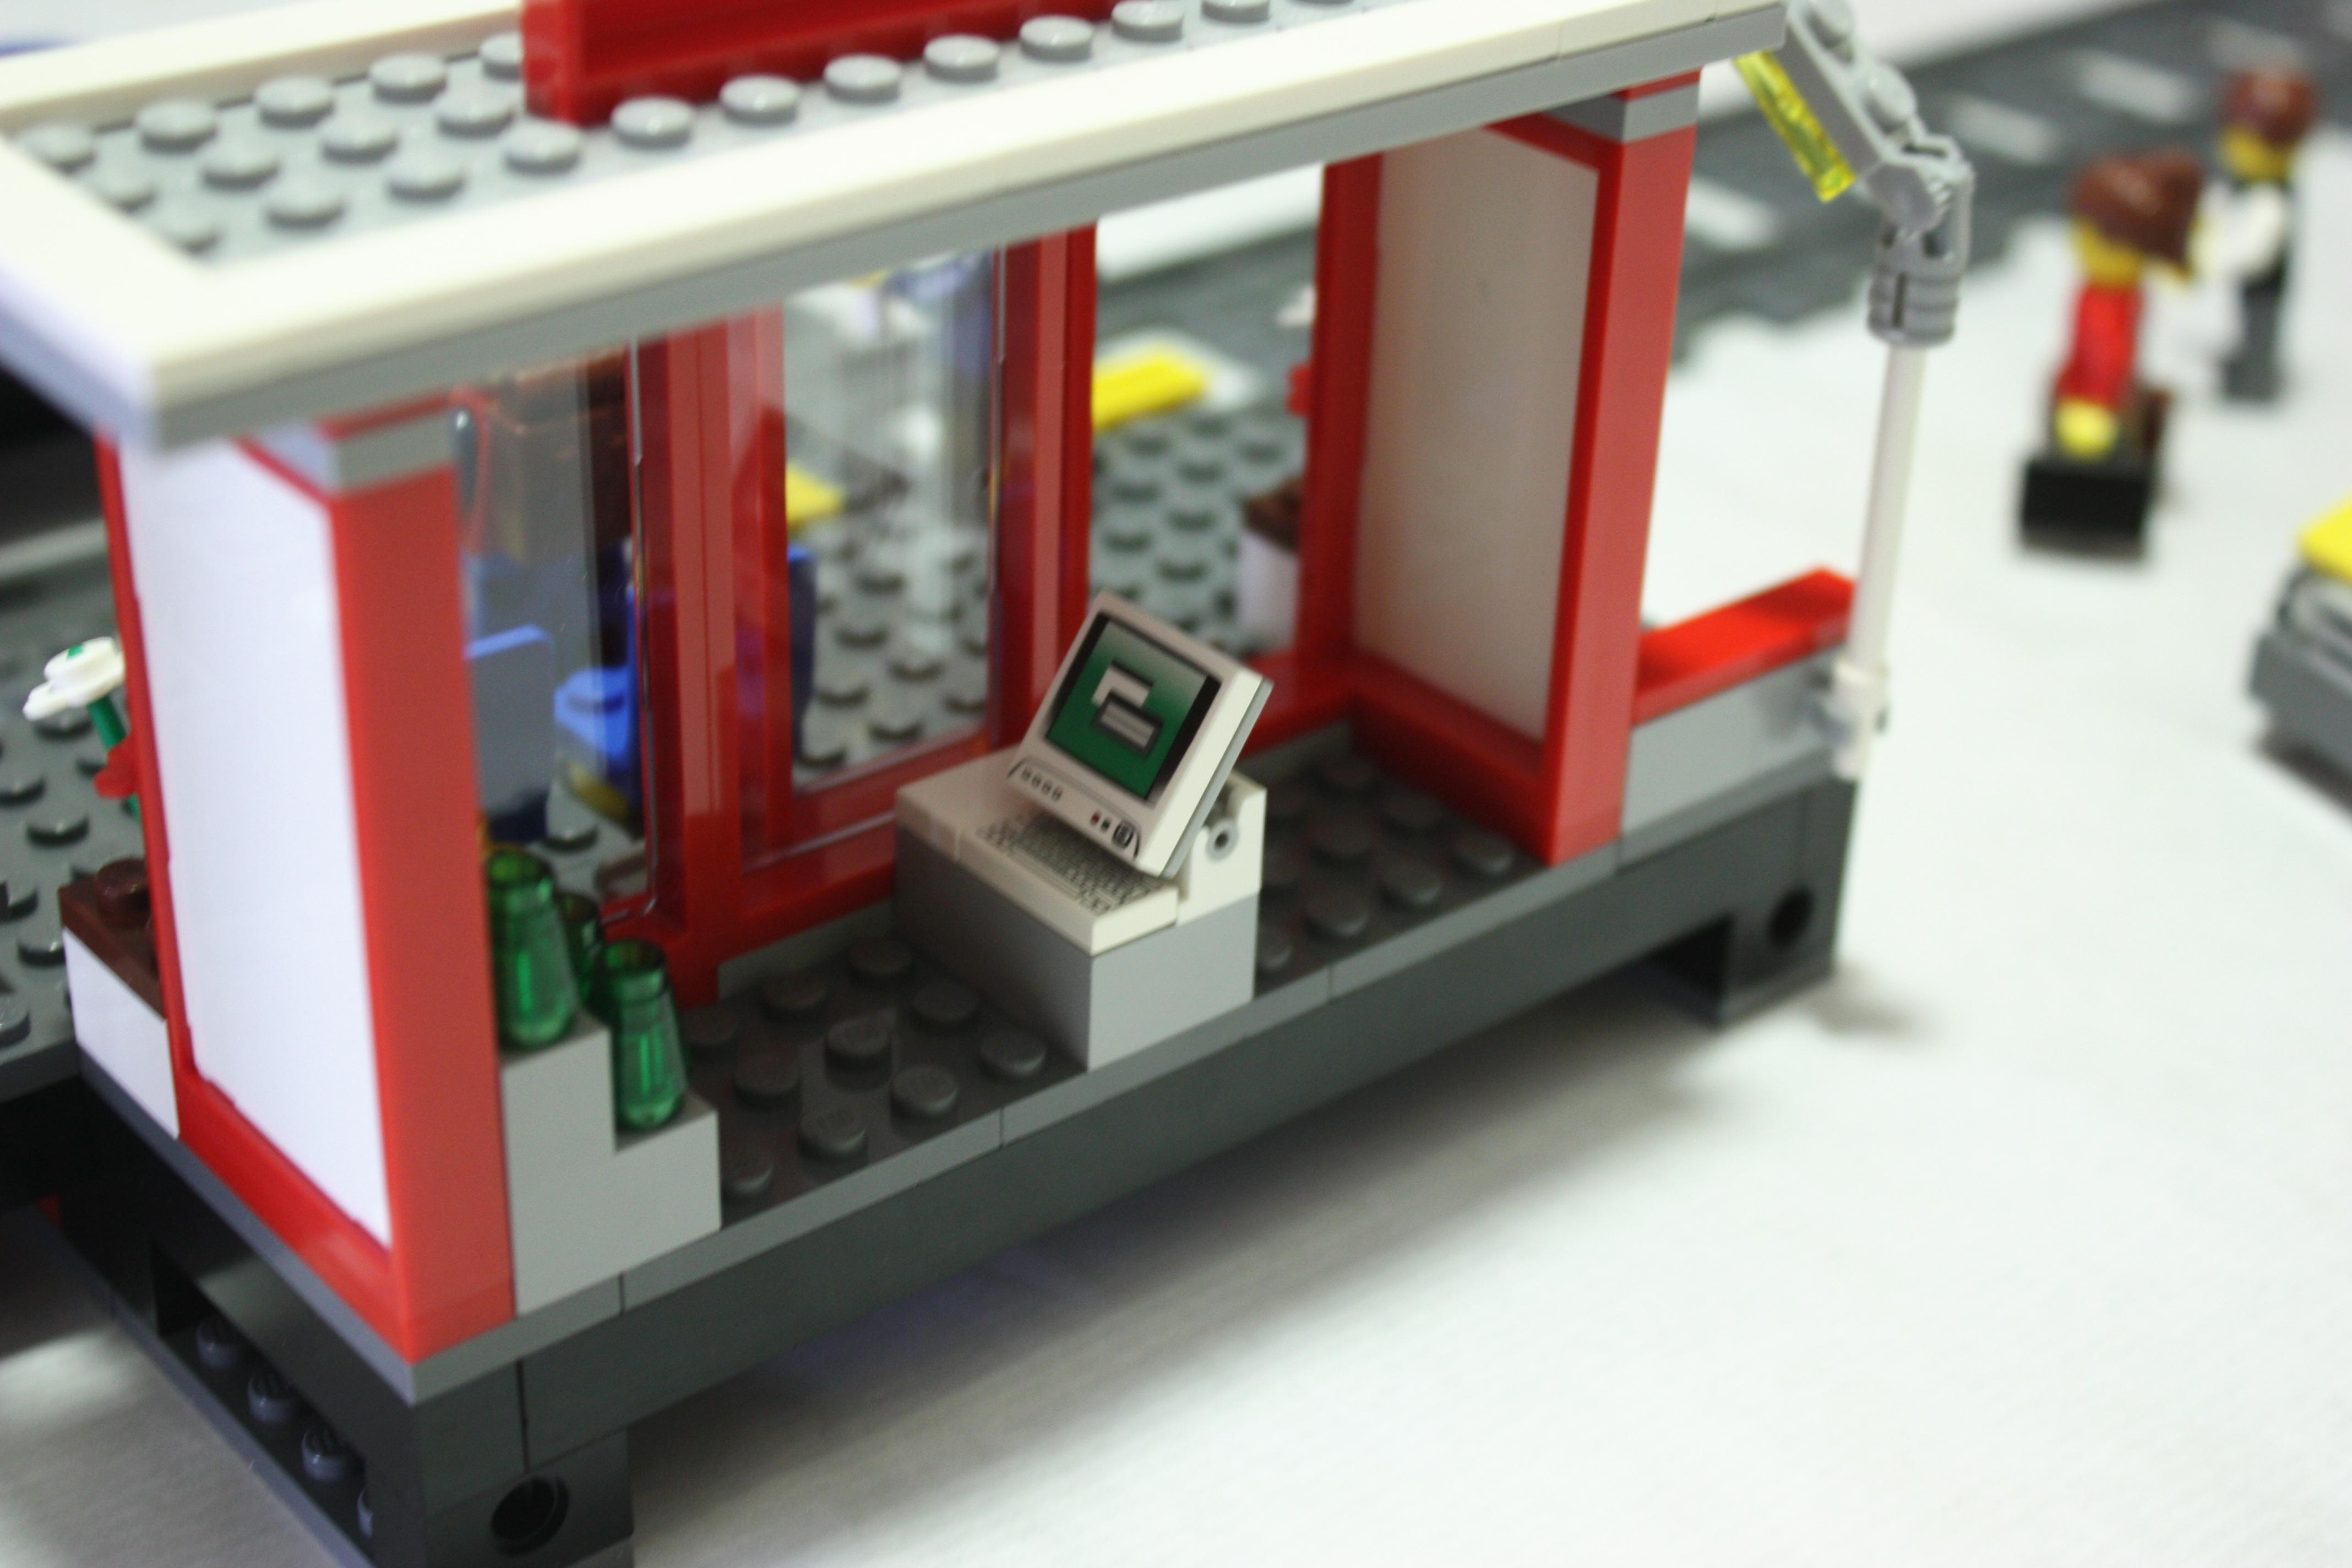 lego-7937-train-station-shop